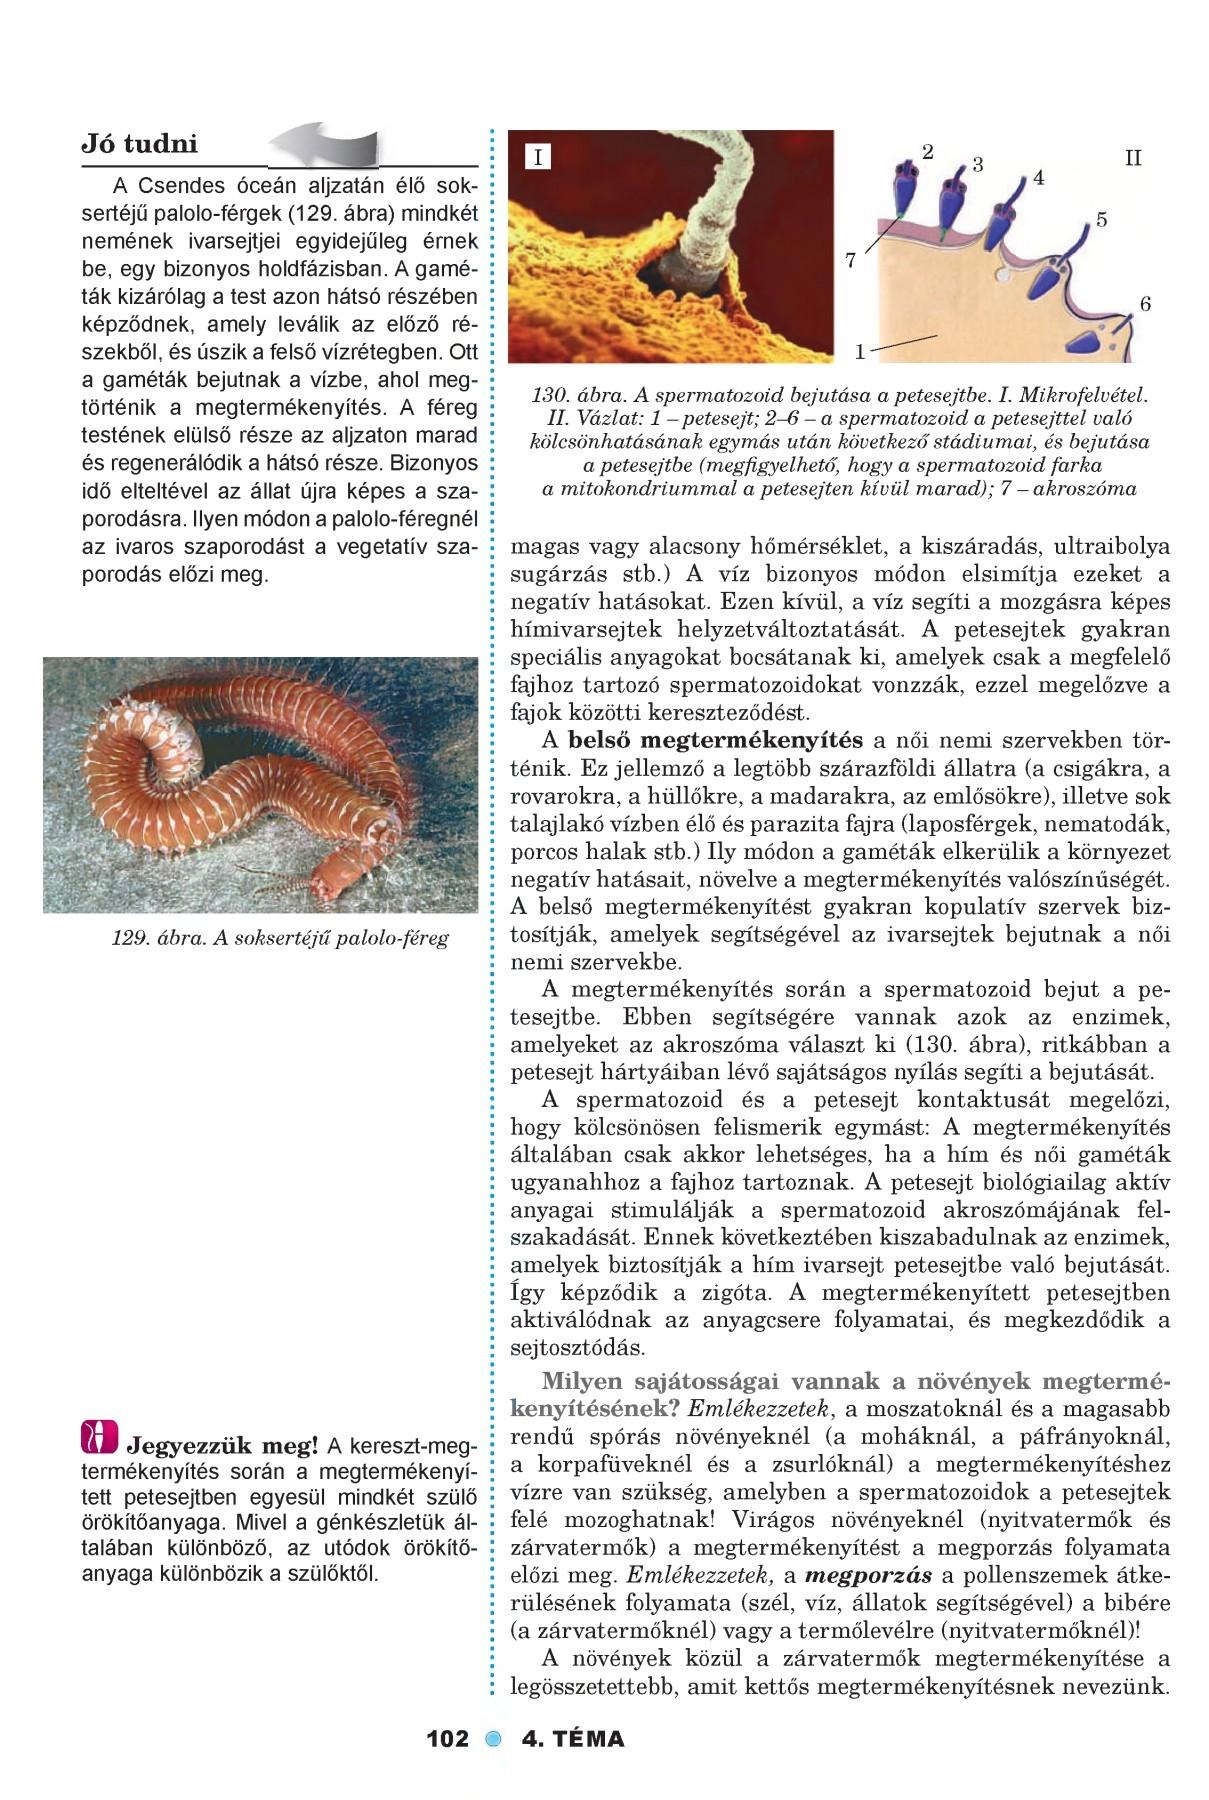 A férgek típusai az emberekben - Férgek felnőtteknél körféregek pinworm kezelésében